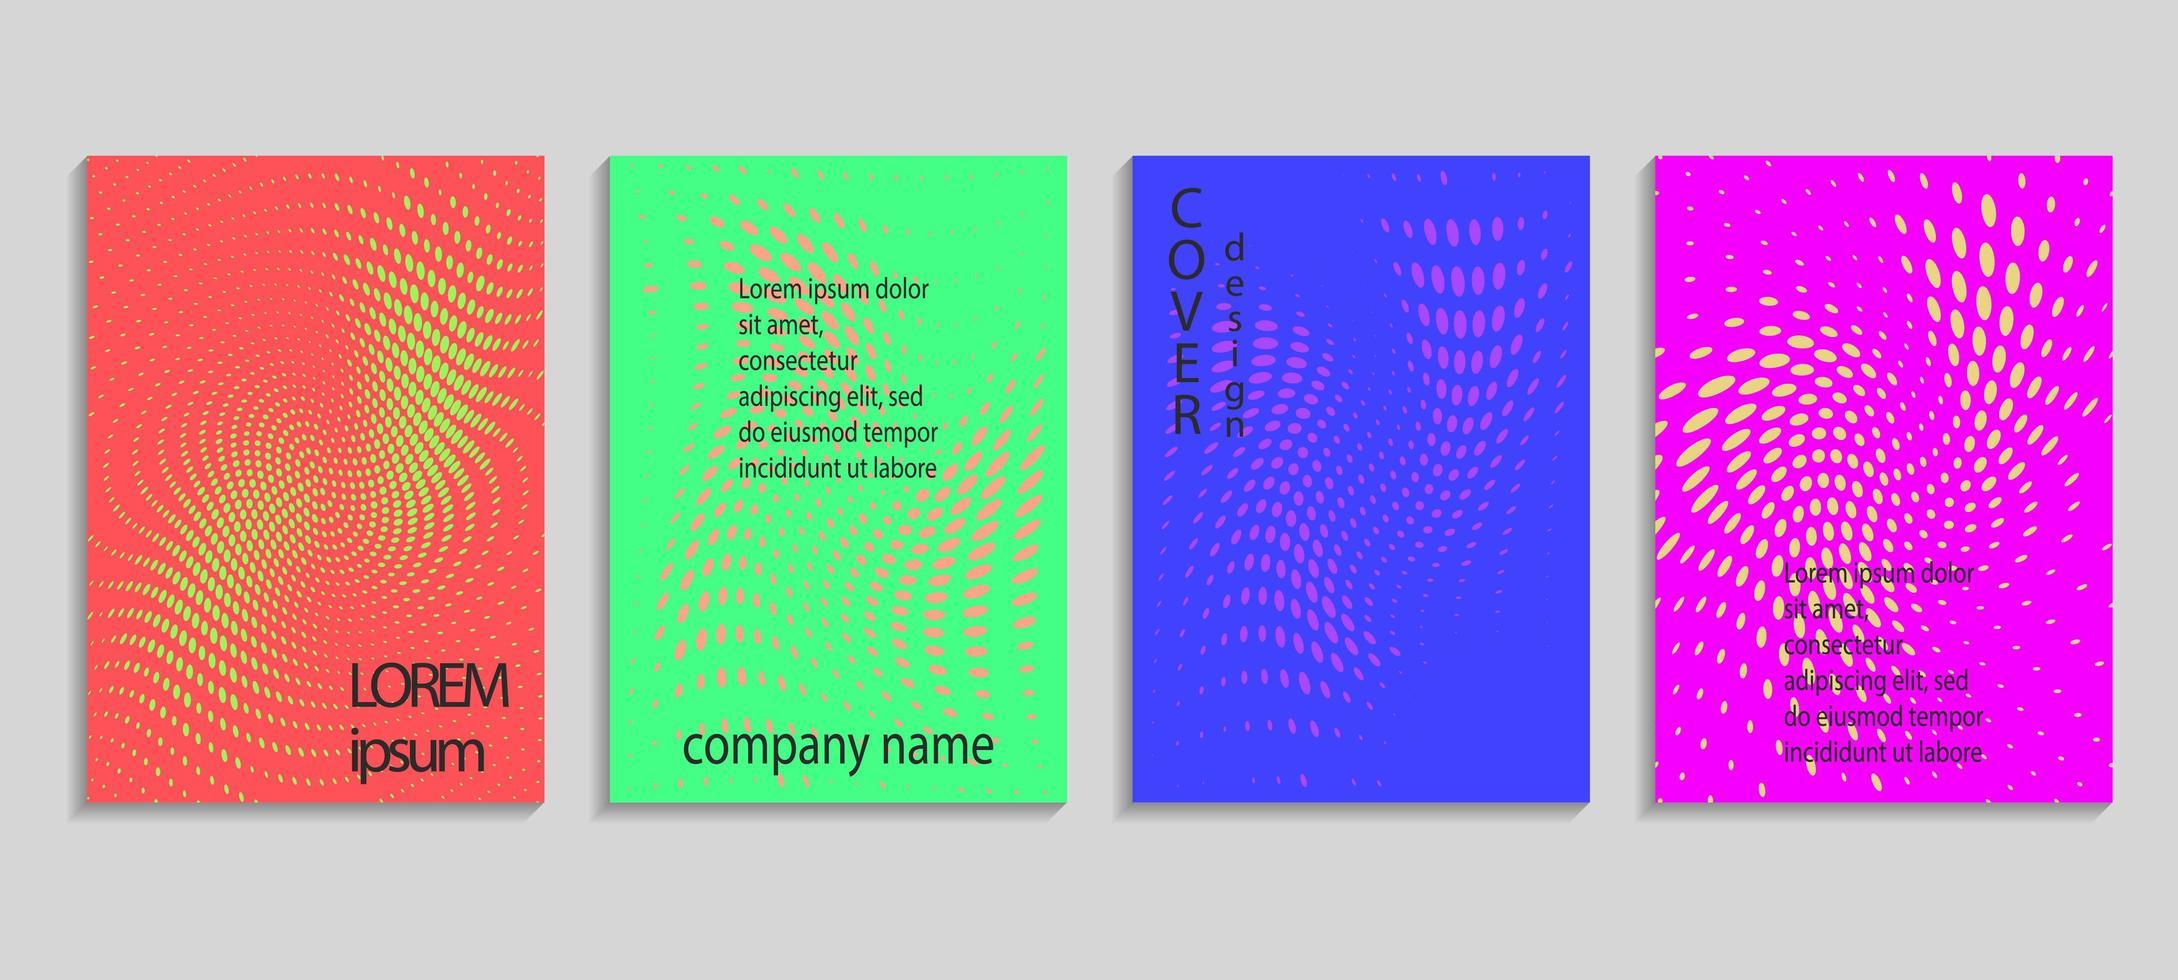 modelli di disegno di copertina di semitono astratto colorato luminoso vettore